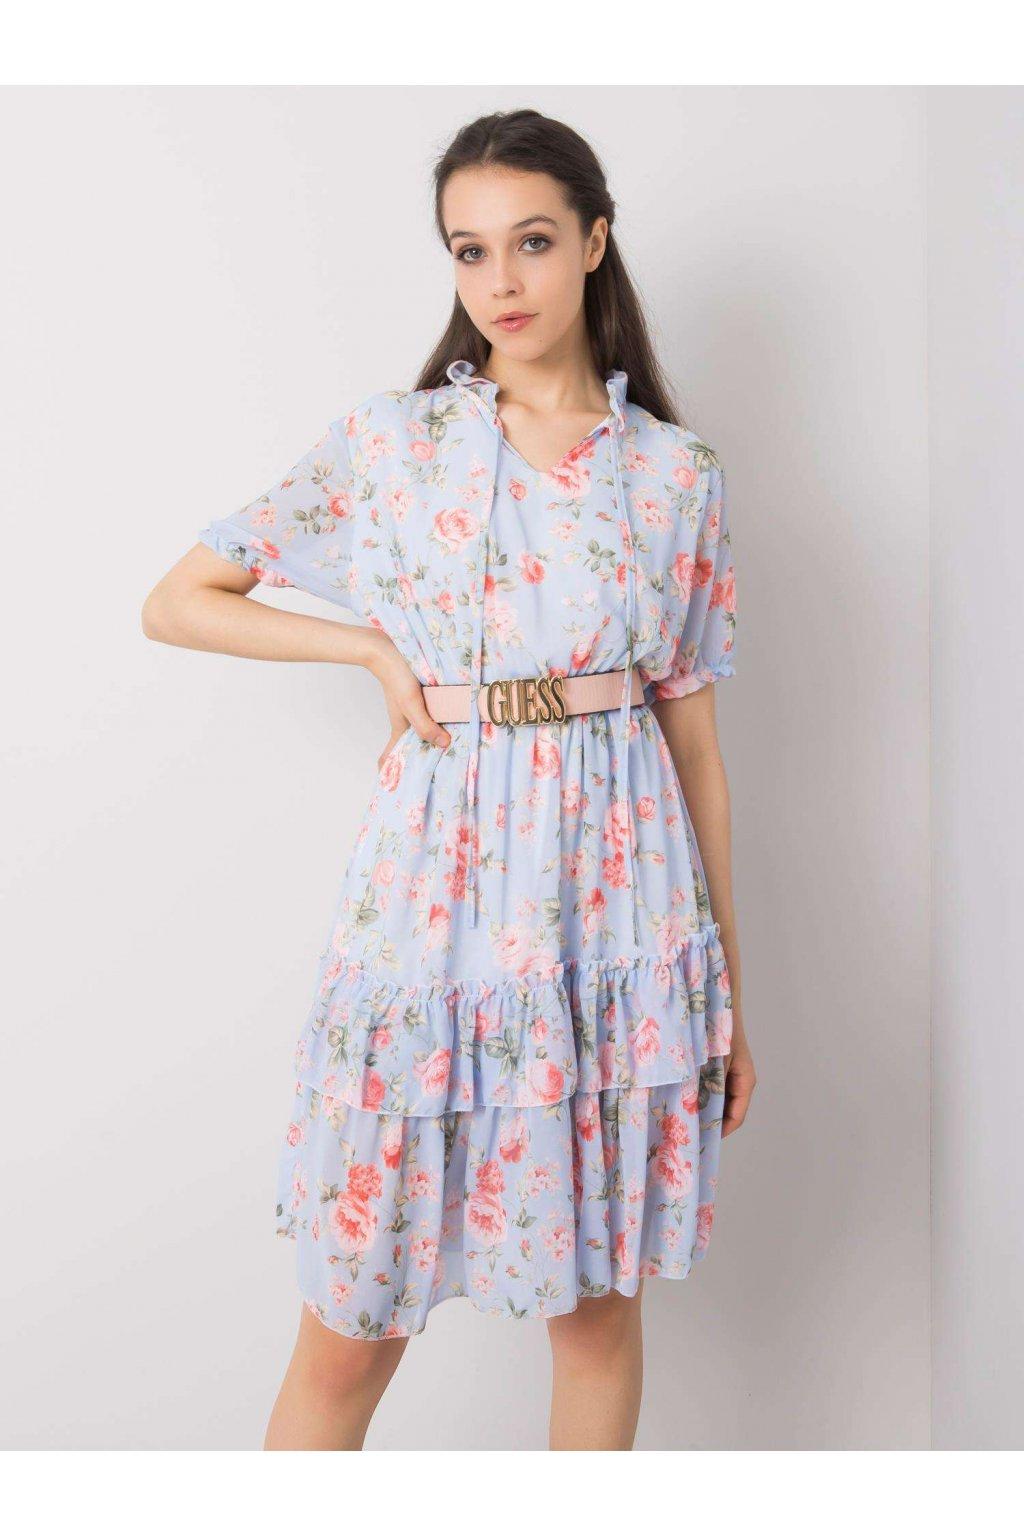 pol pl Niebieska sukienka w kwiaty Mckenna 364507 1